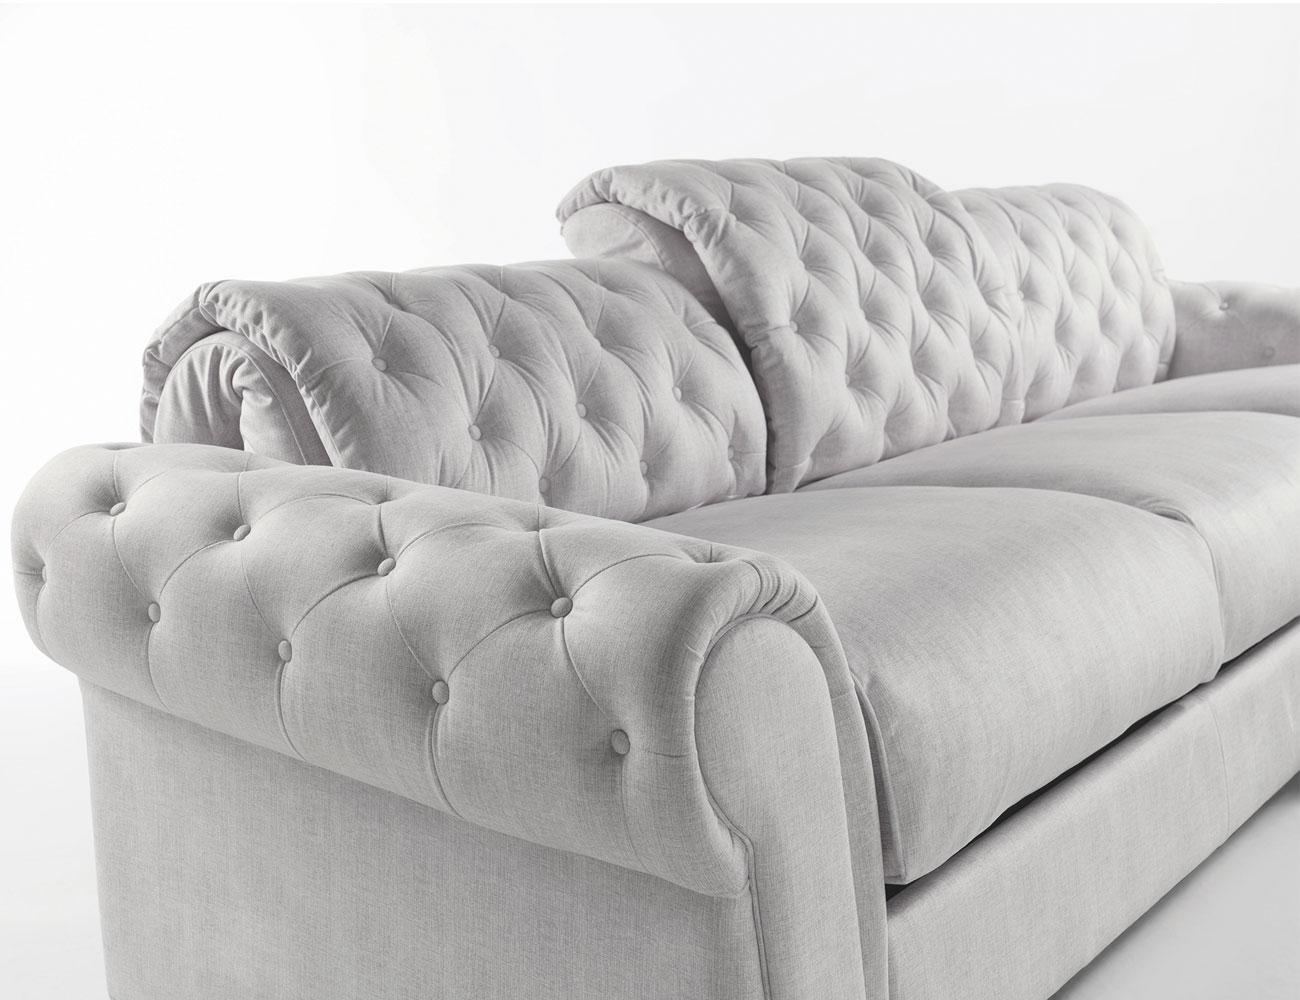 Sofa chaiselongue gran lujo decorativo capitone blanco tela 114